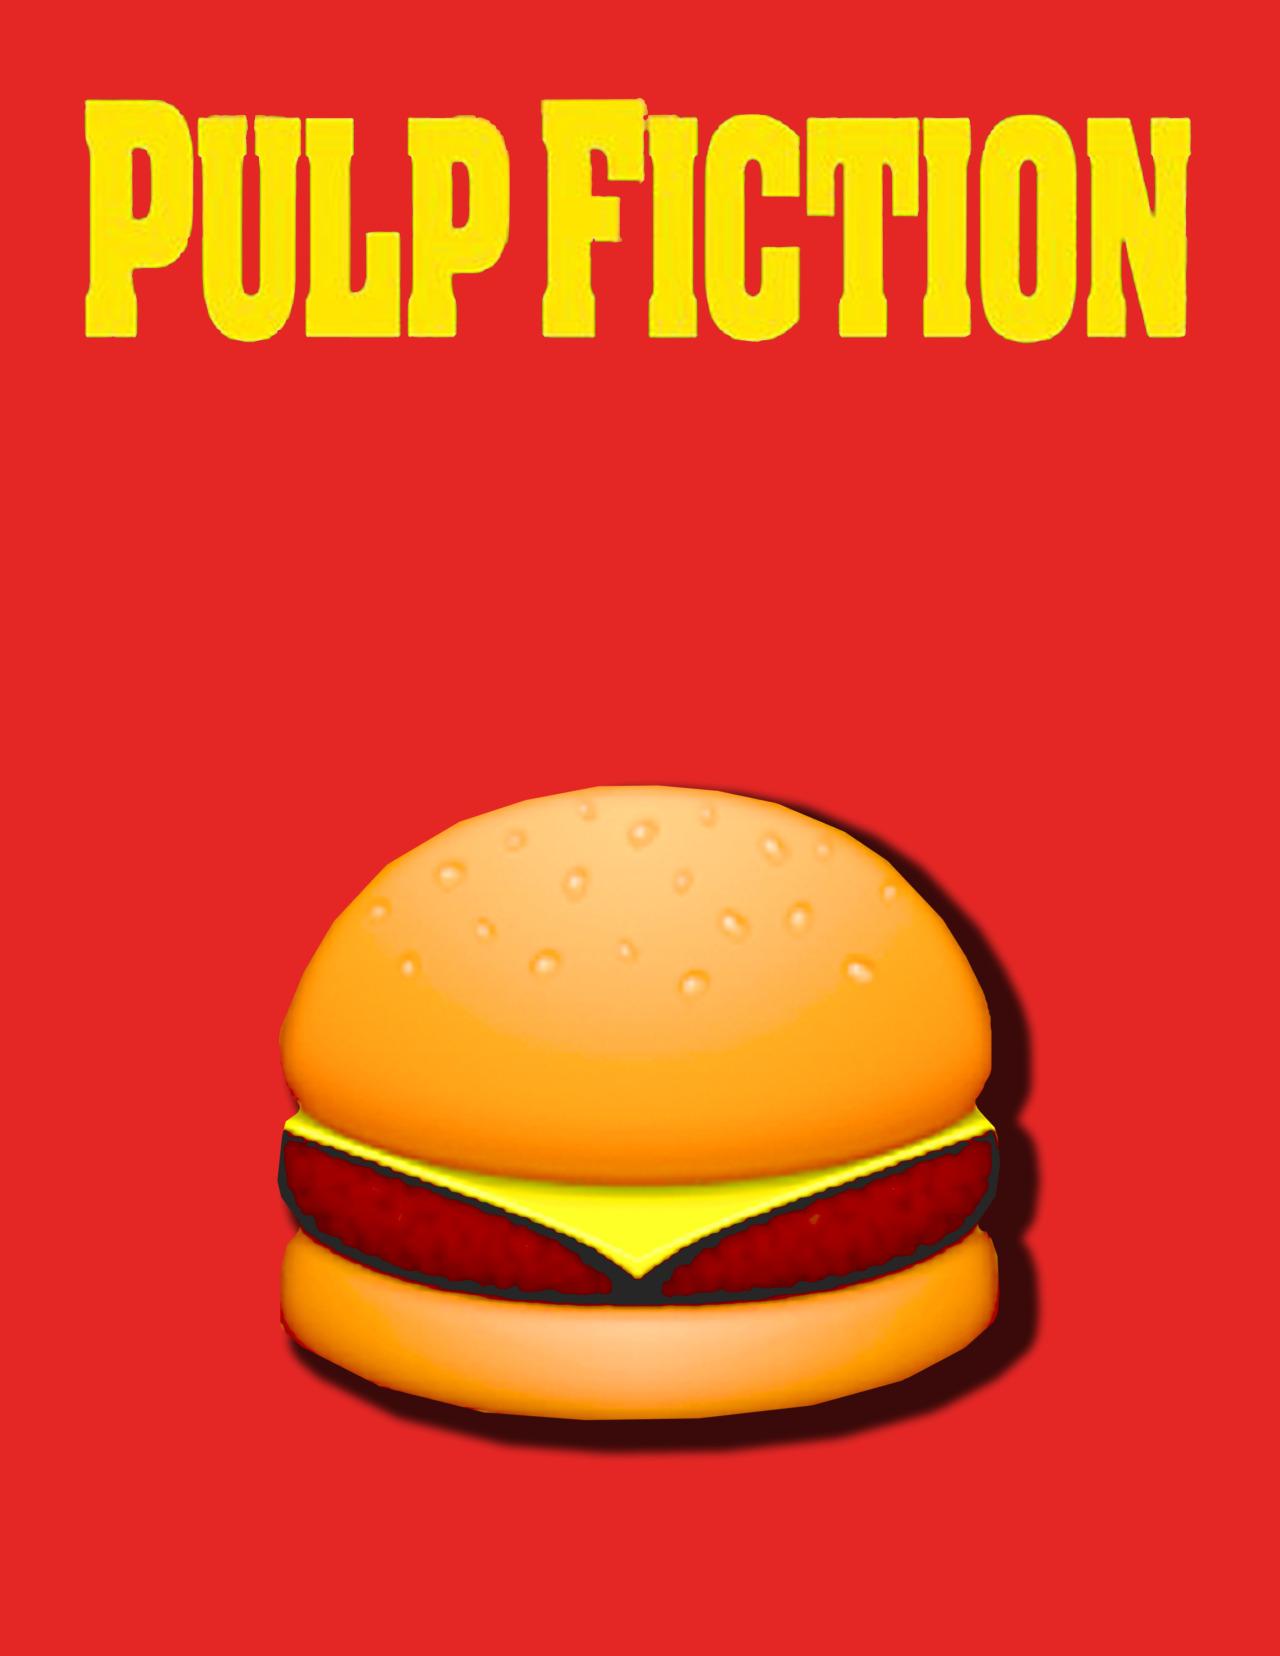 インフォグラフィック:絵文字(携帯電話)で表す映画ポスター。心に残る名作3/10